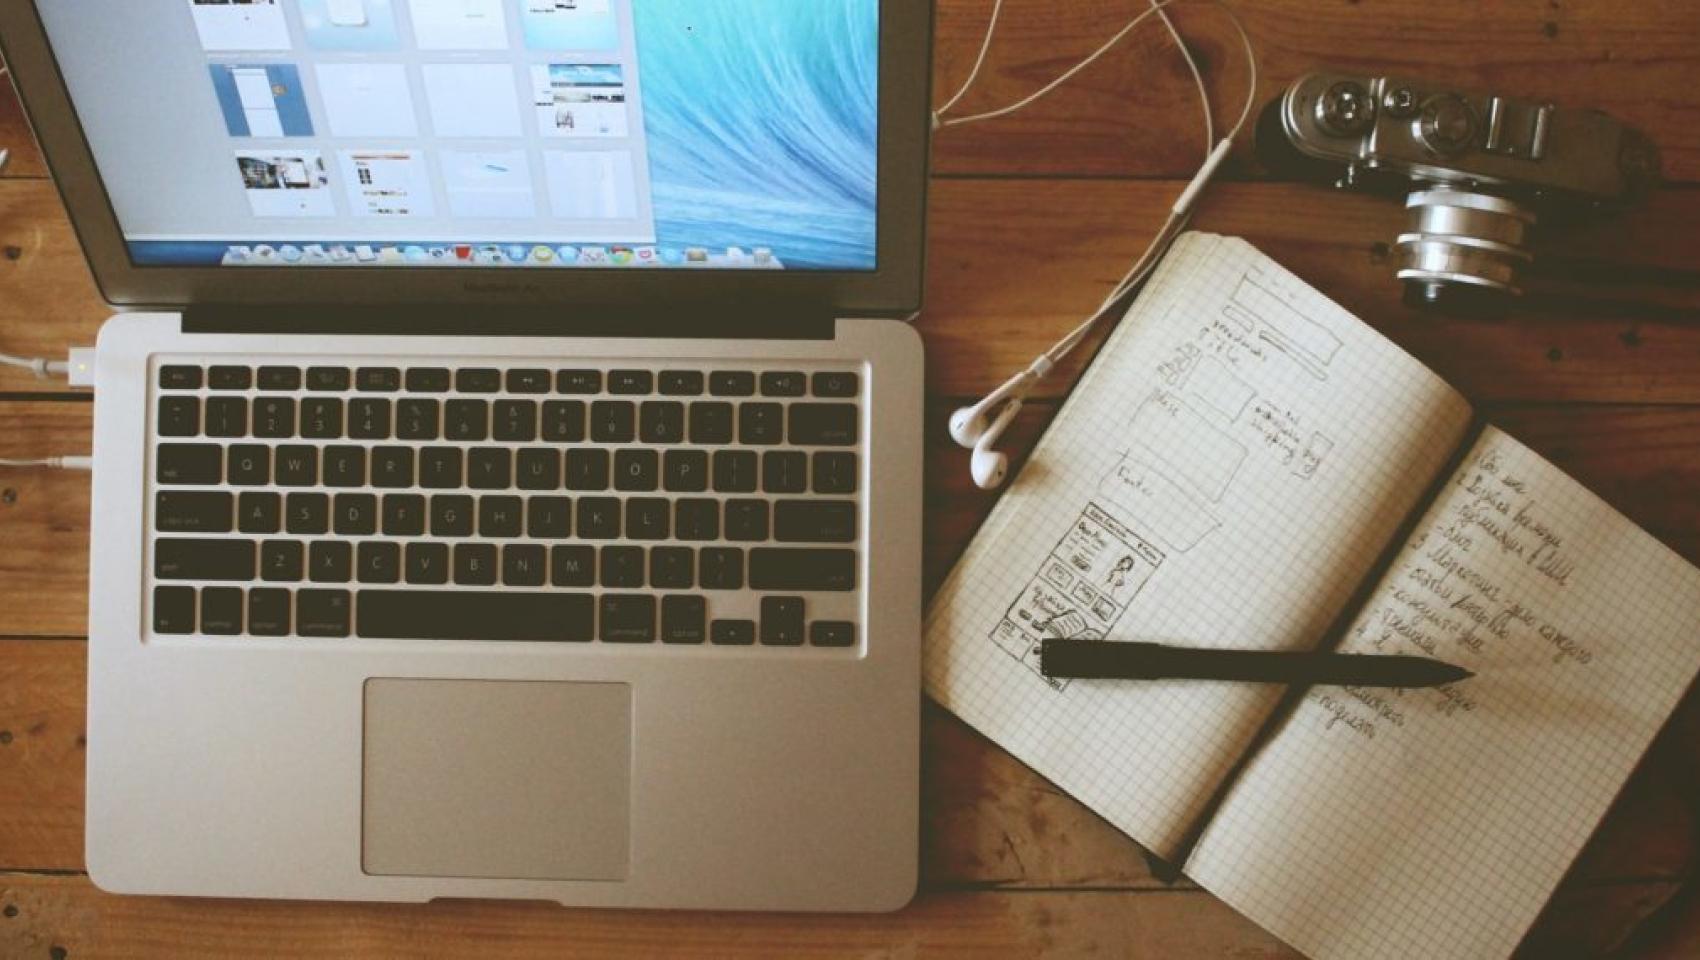 Открытый урок для детей «Создай интернет-страницу о своём увлечении» в Днепре